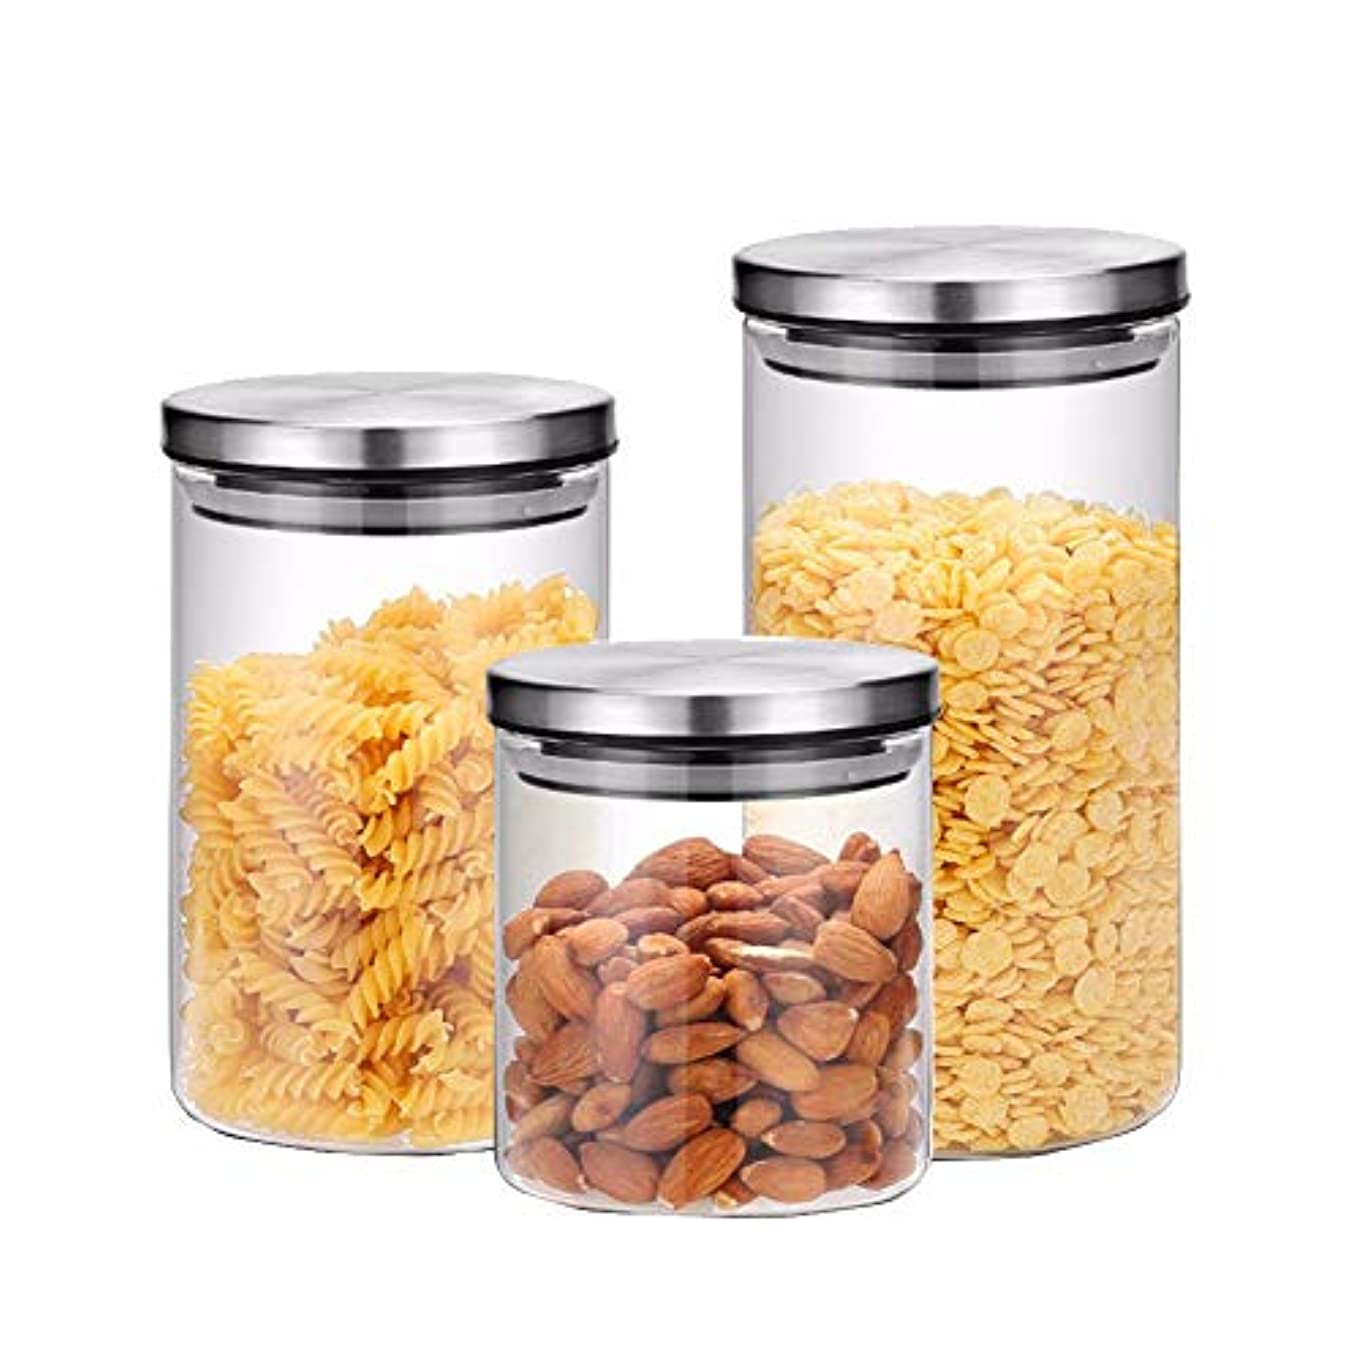 ガラスストレージジャースリーピースステンレススチールカバーガラスティーポットキッチン雑多な食品貯蔵瓶